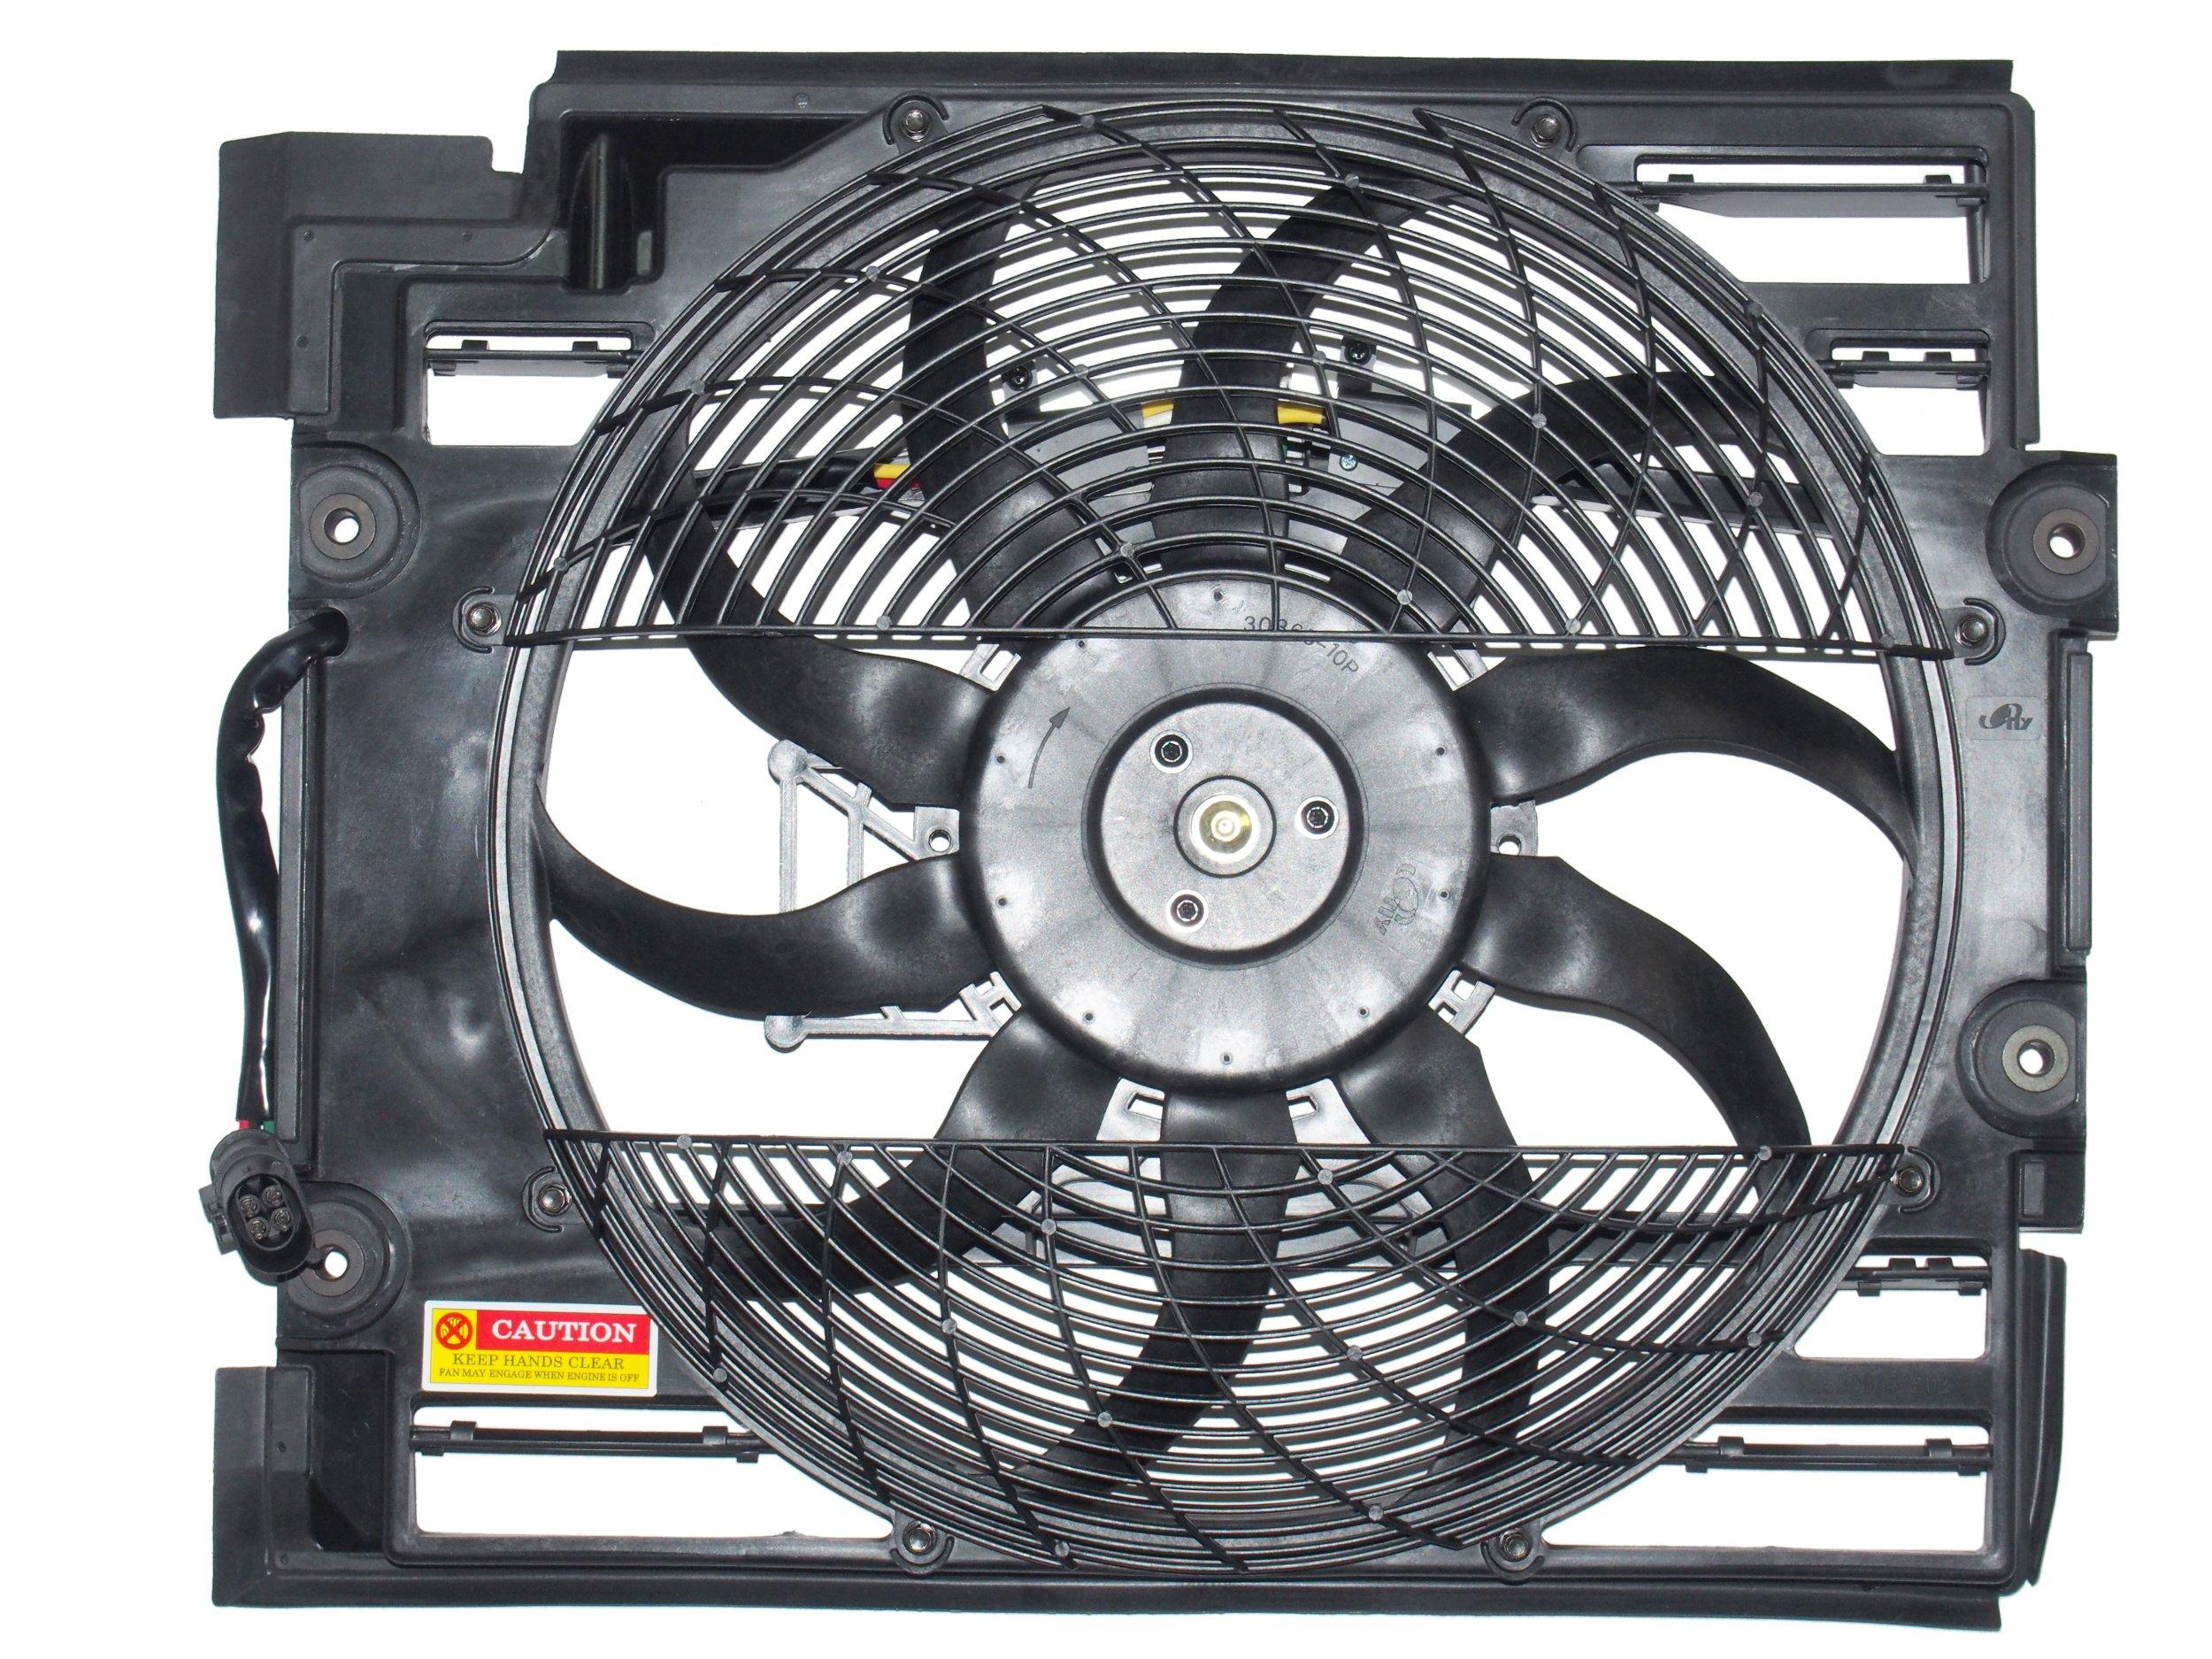 вентилятор кондиционирования воздуха радиатора к bmw e39 4 pin